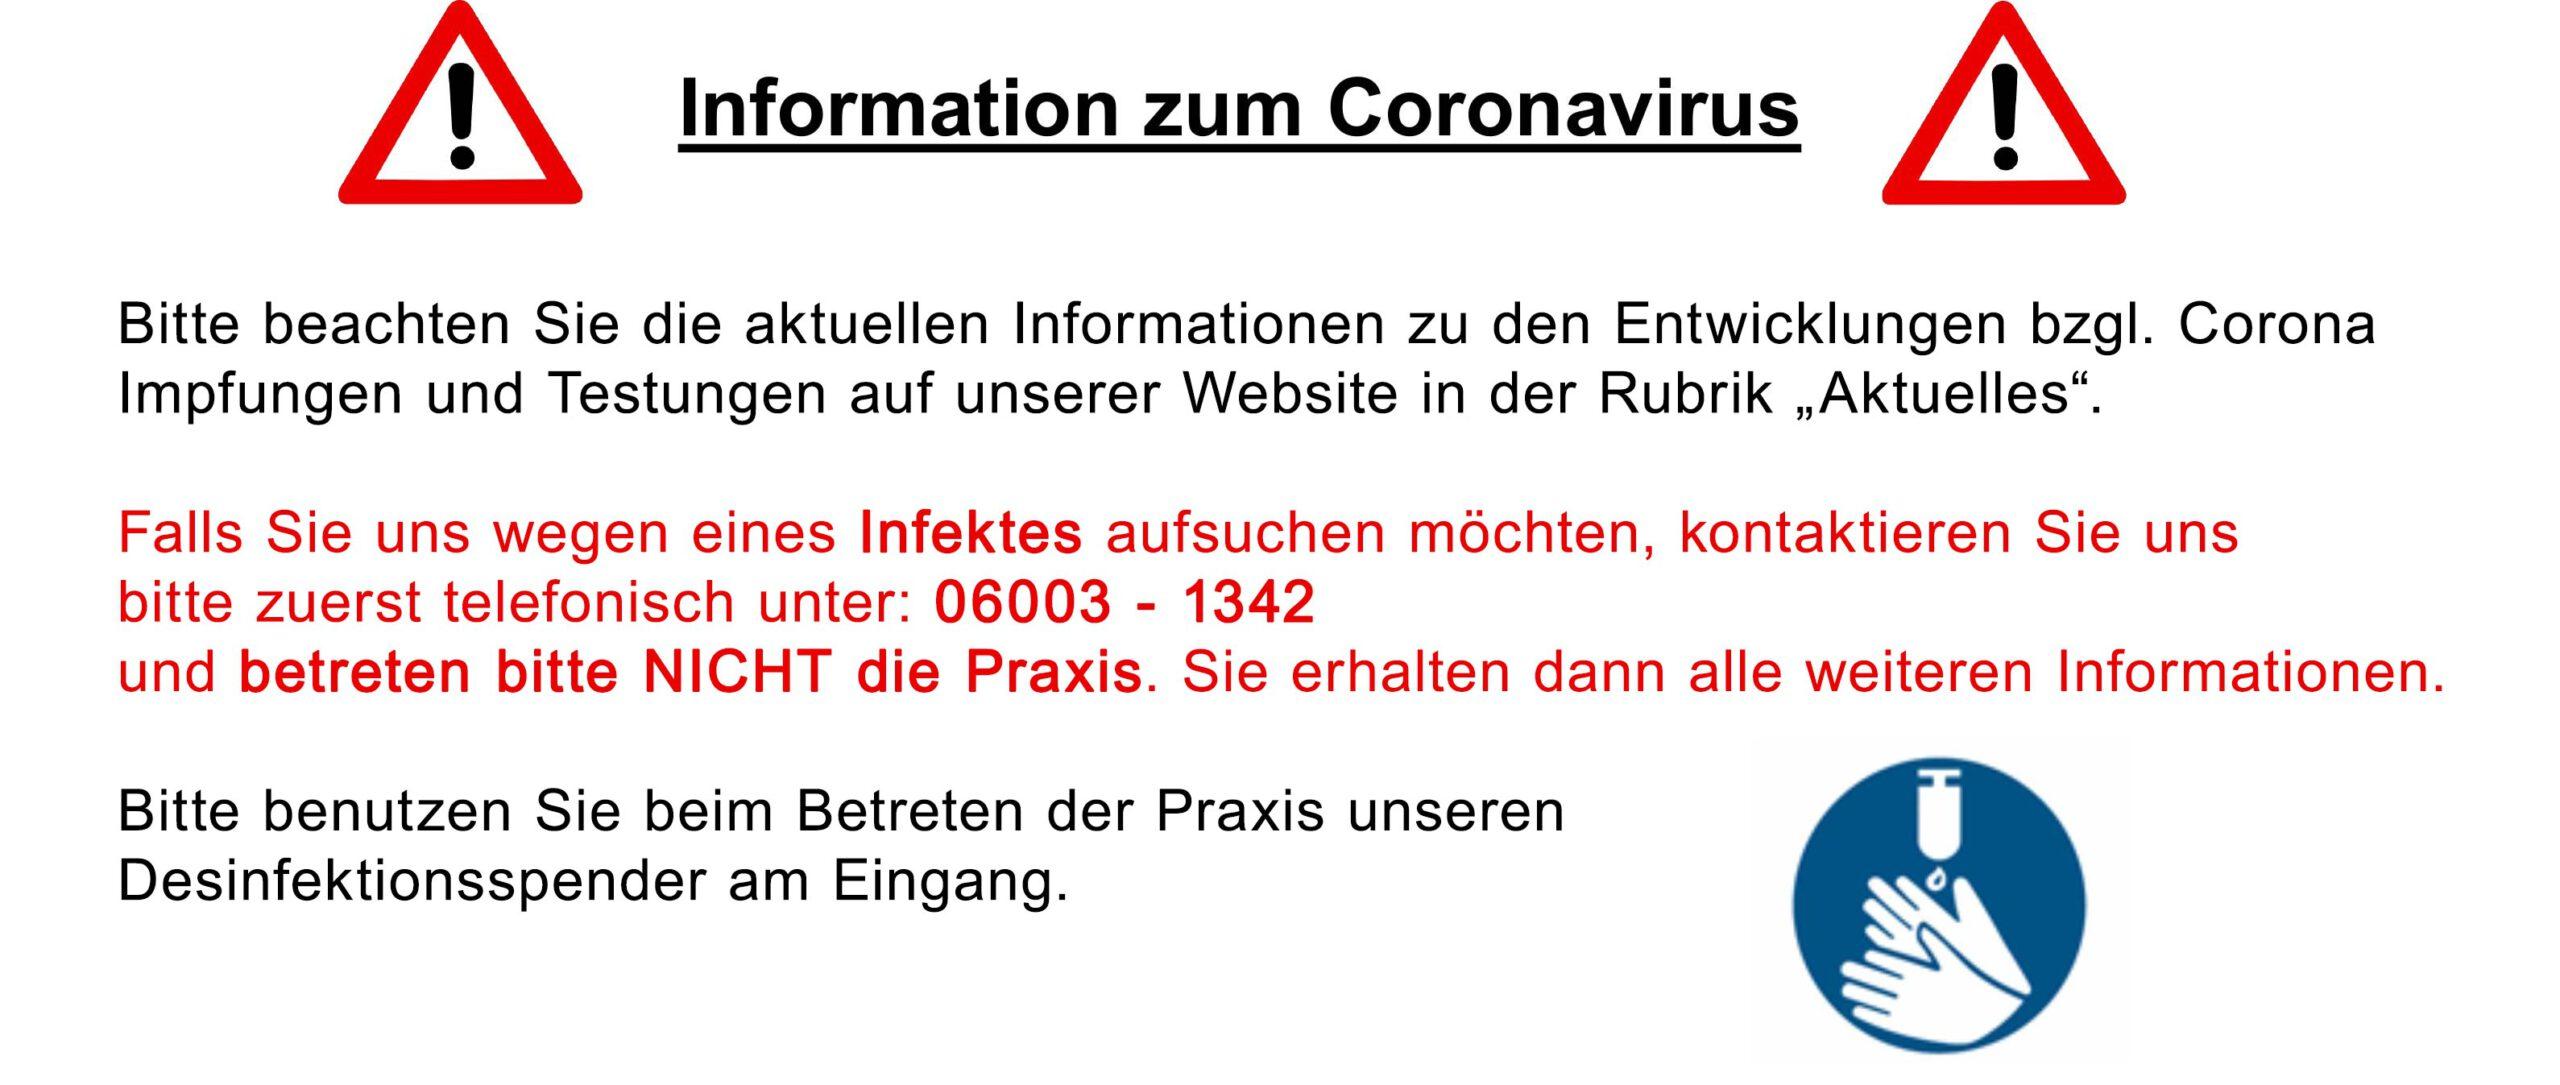 Info-Coronavirus-Impfung